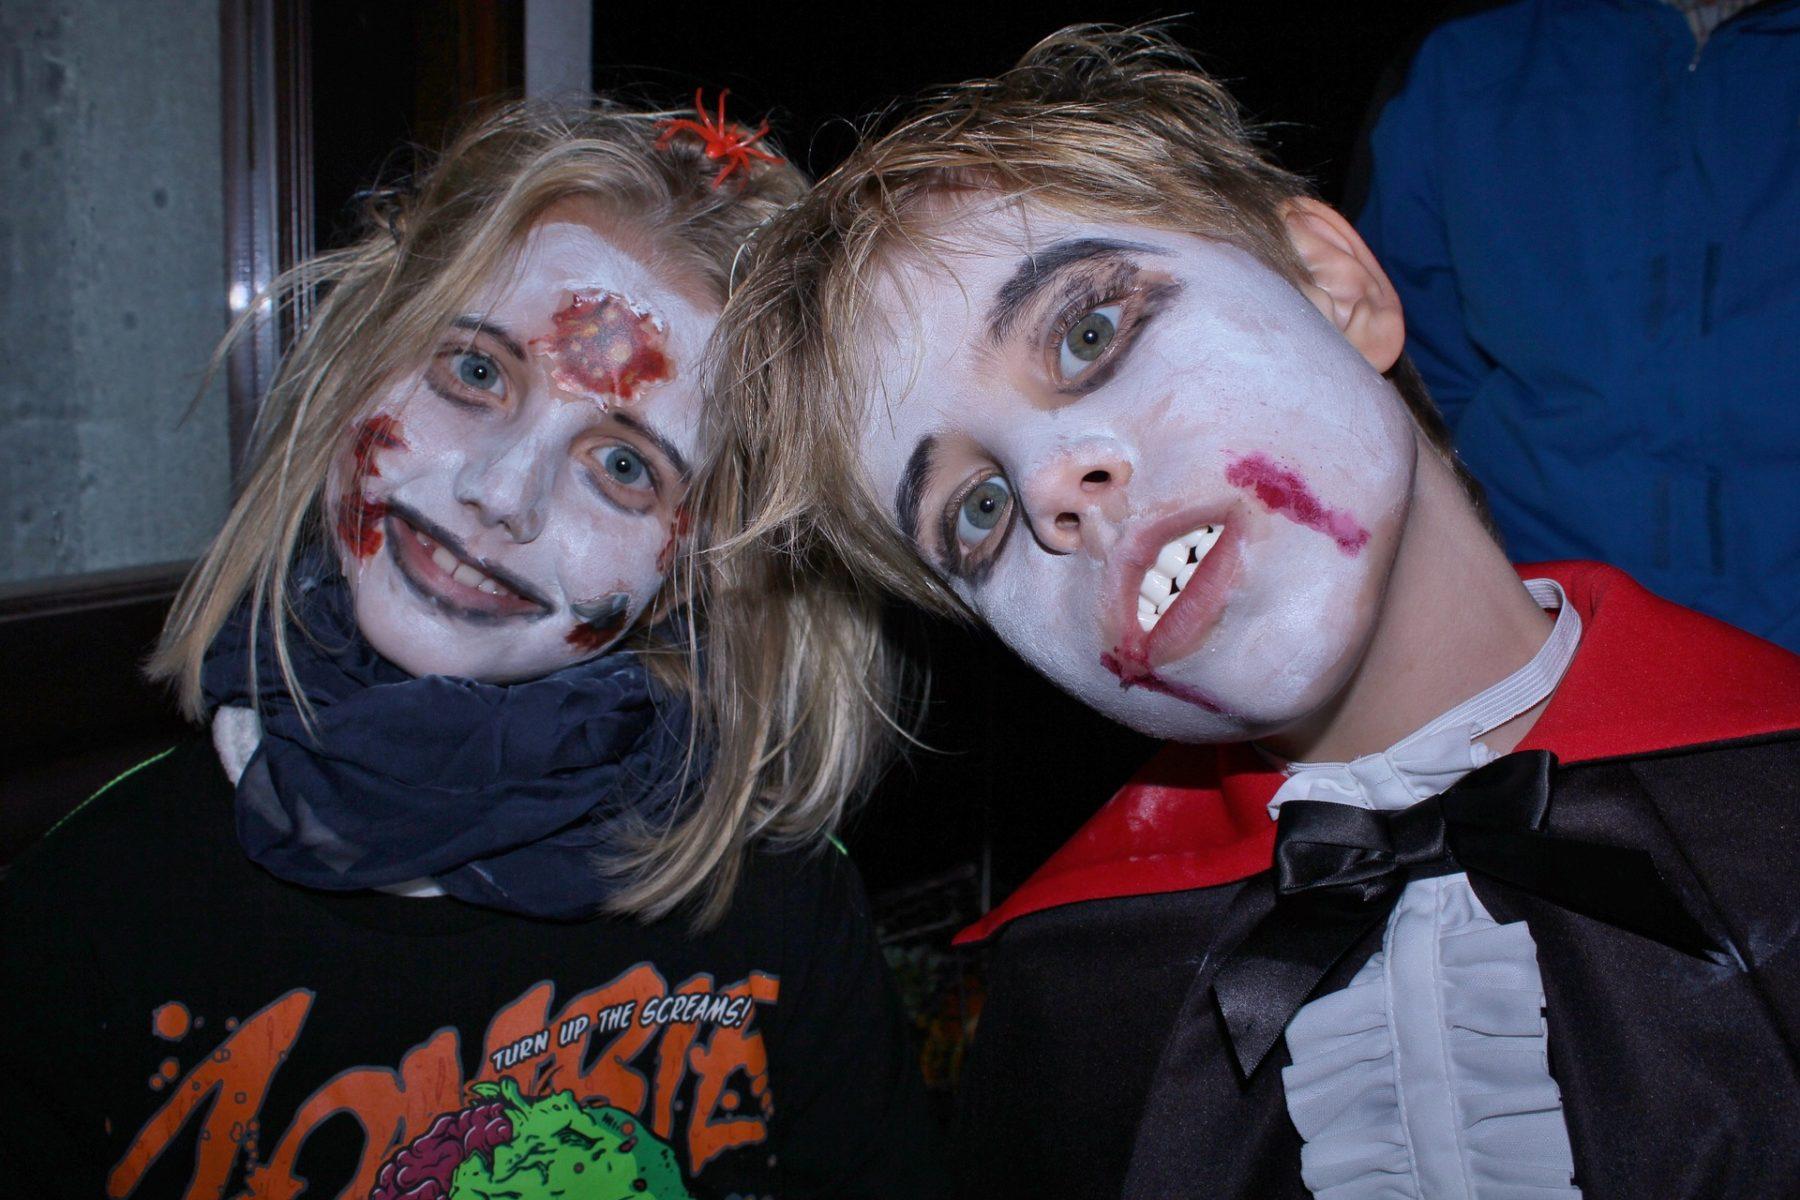 Une friandise ou un sort ! La fête d'Halloween est bien là […]